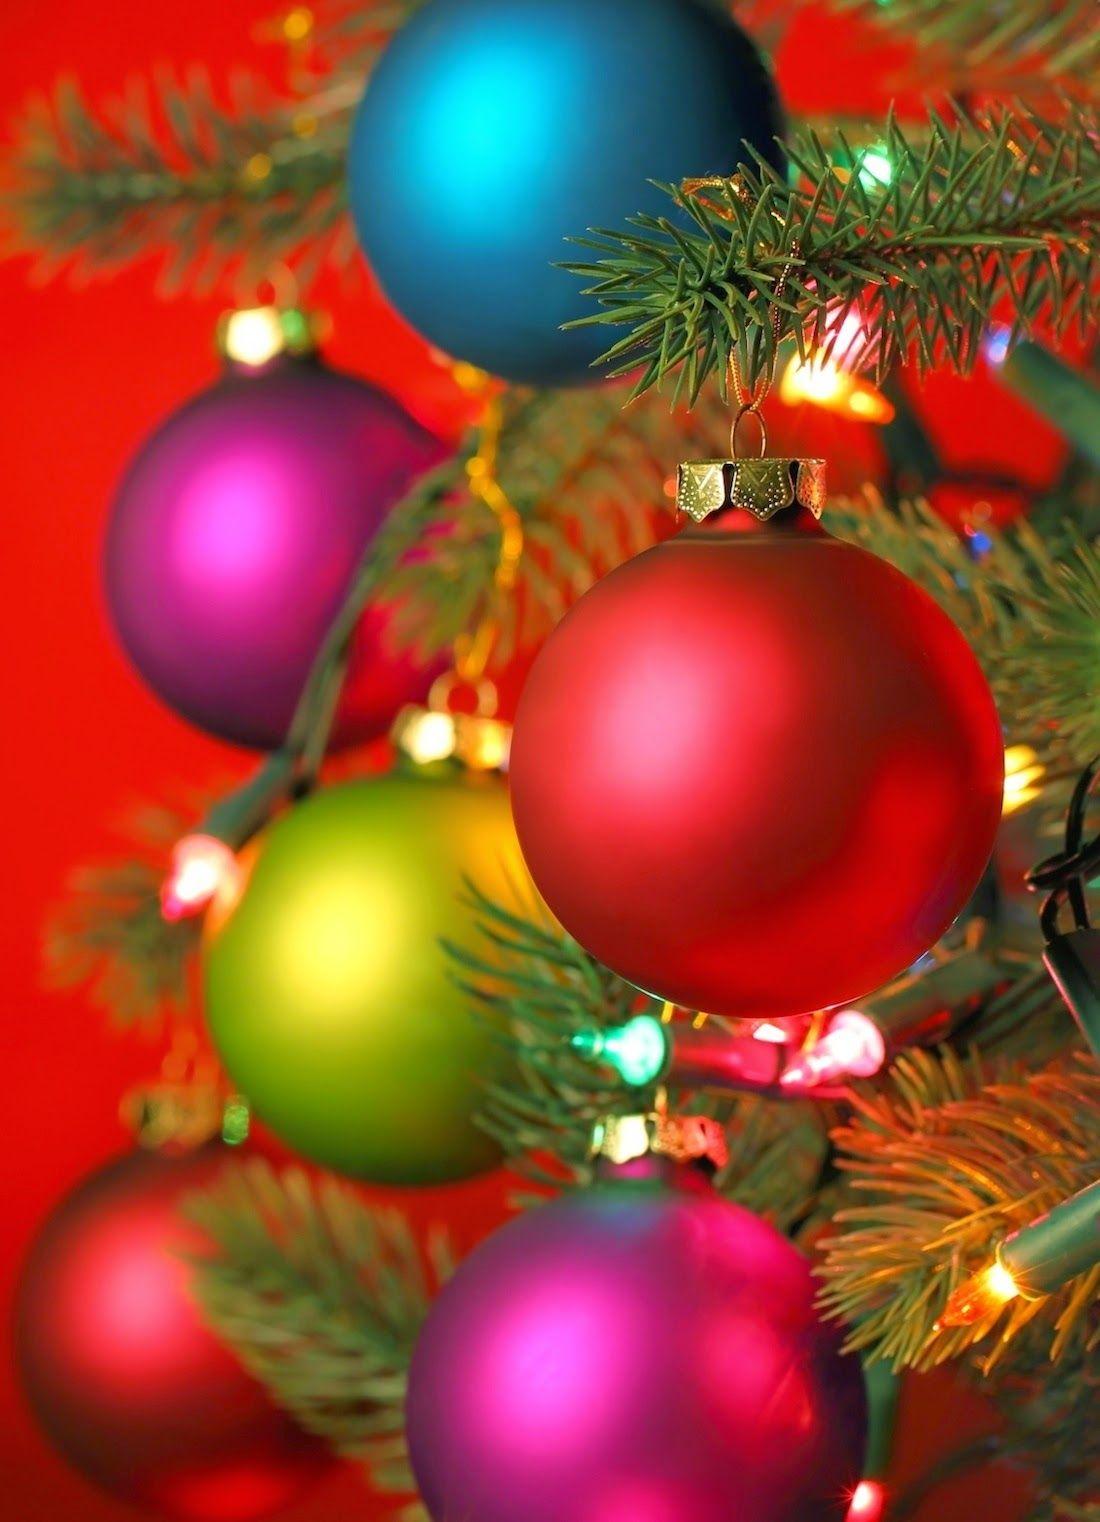 Colorful Christmas Ornaments On Tree Christmas Live